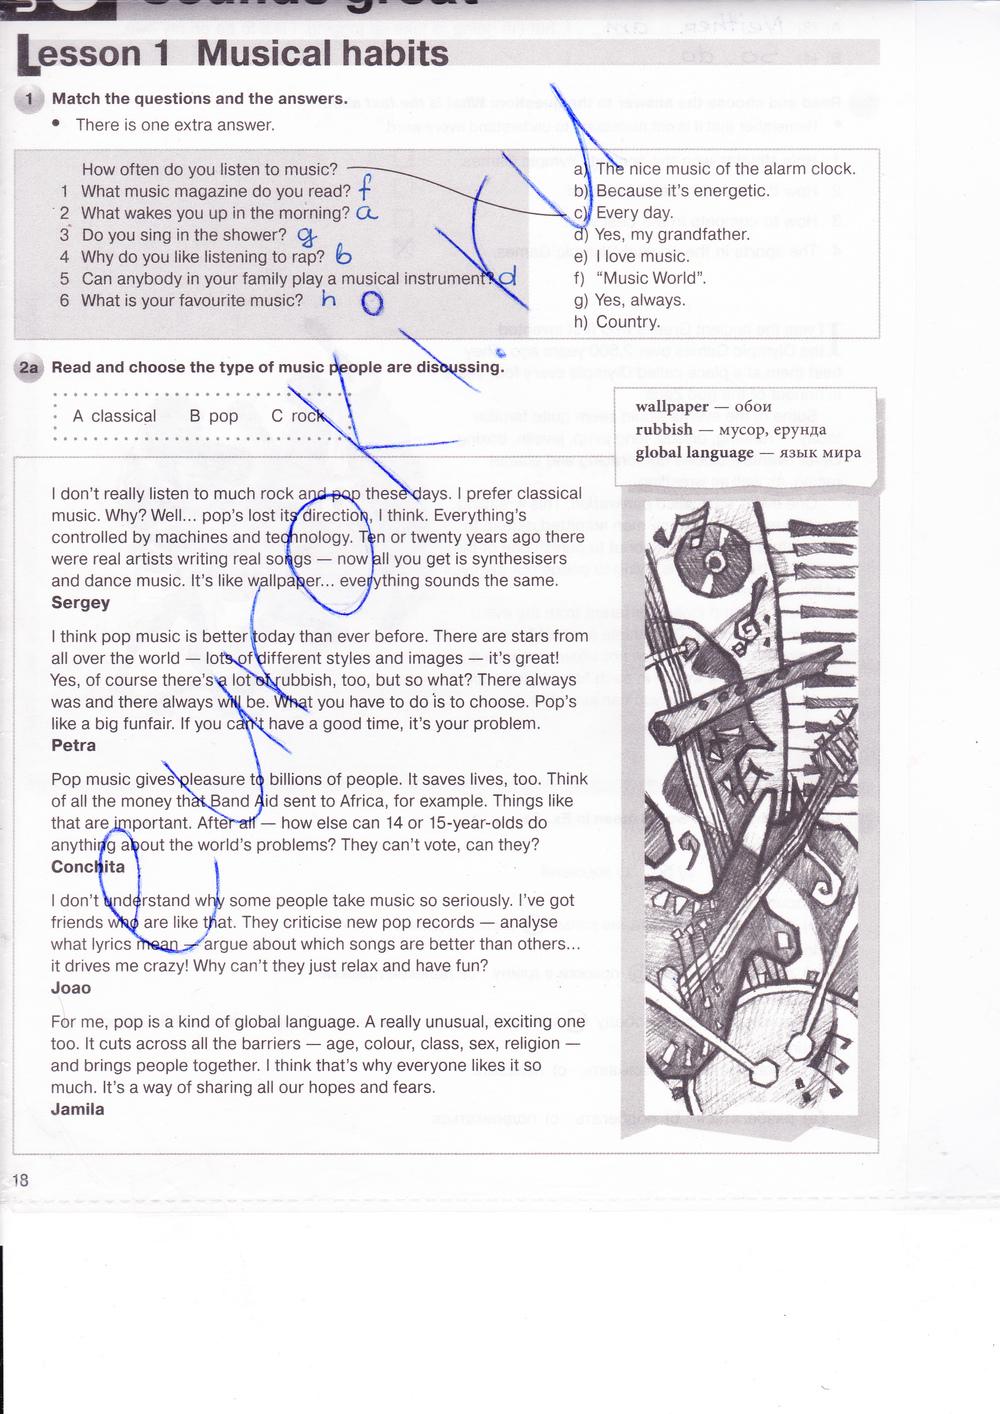 Гдз по английскому 7 класс миллениум перевод текстов в тетради